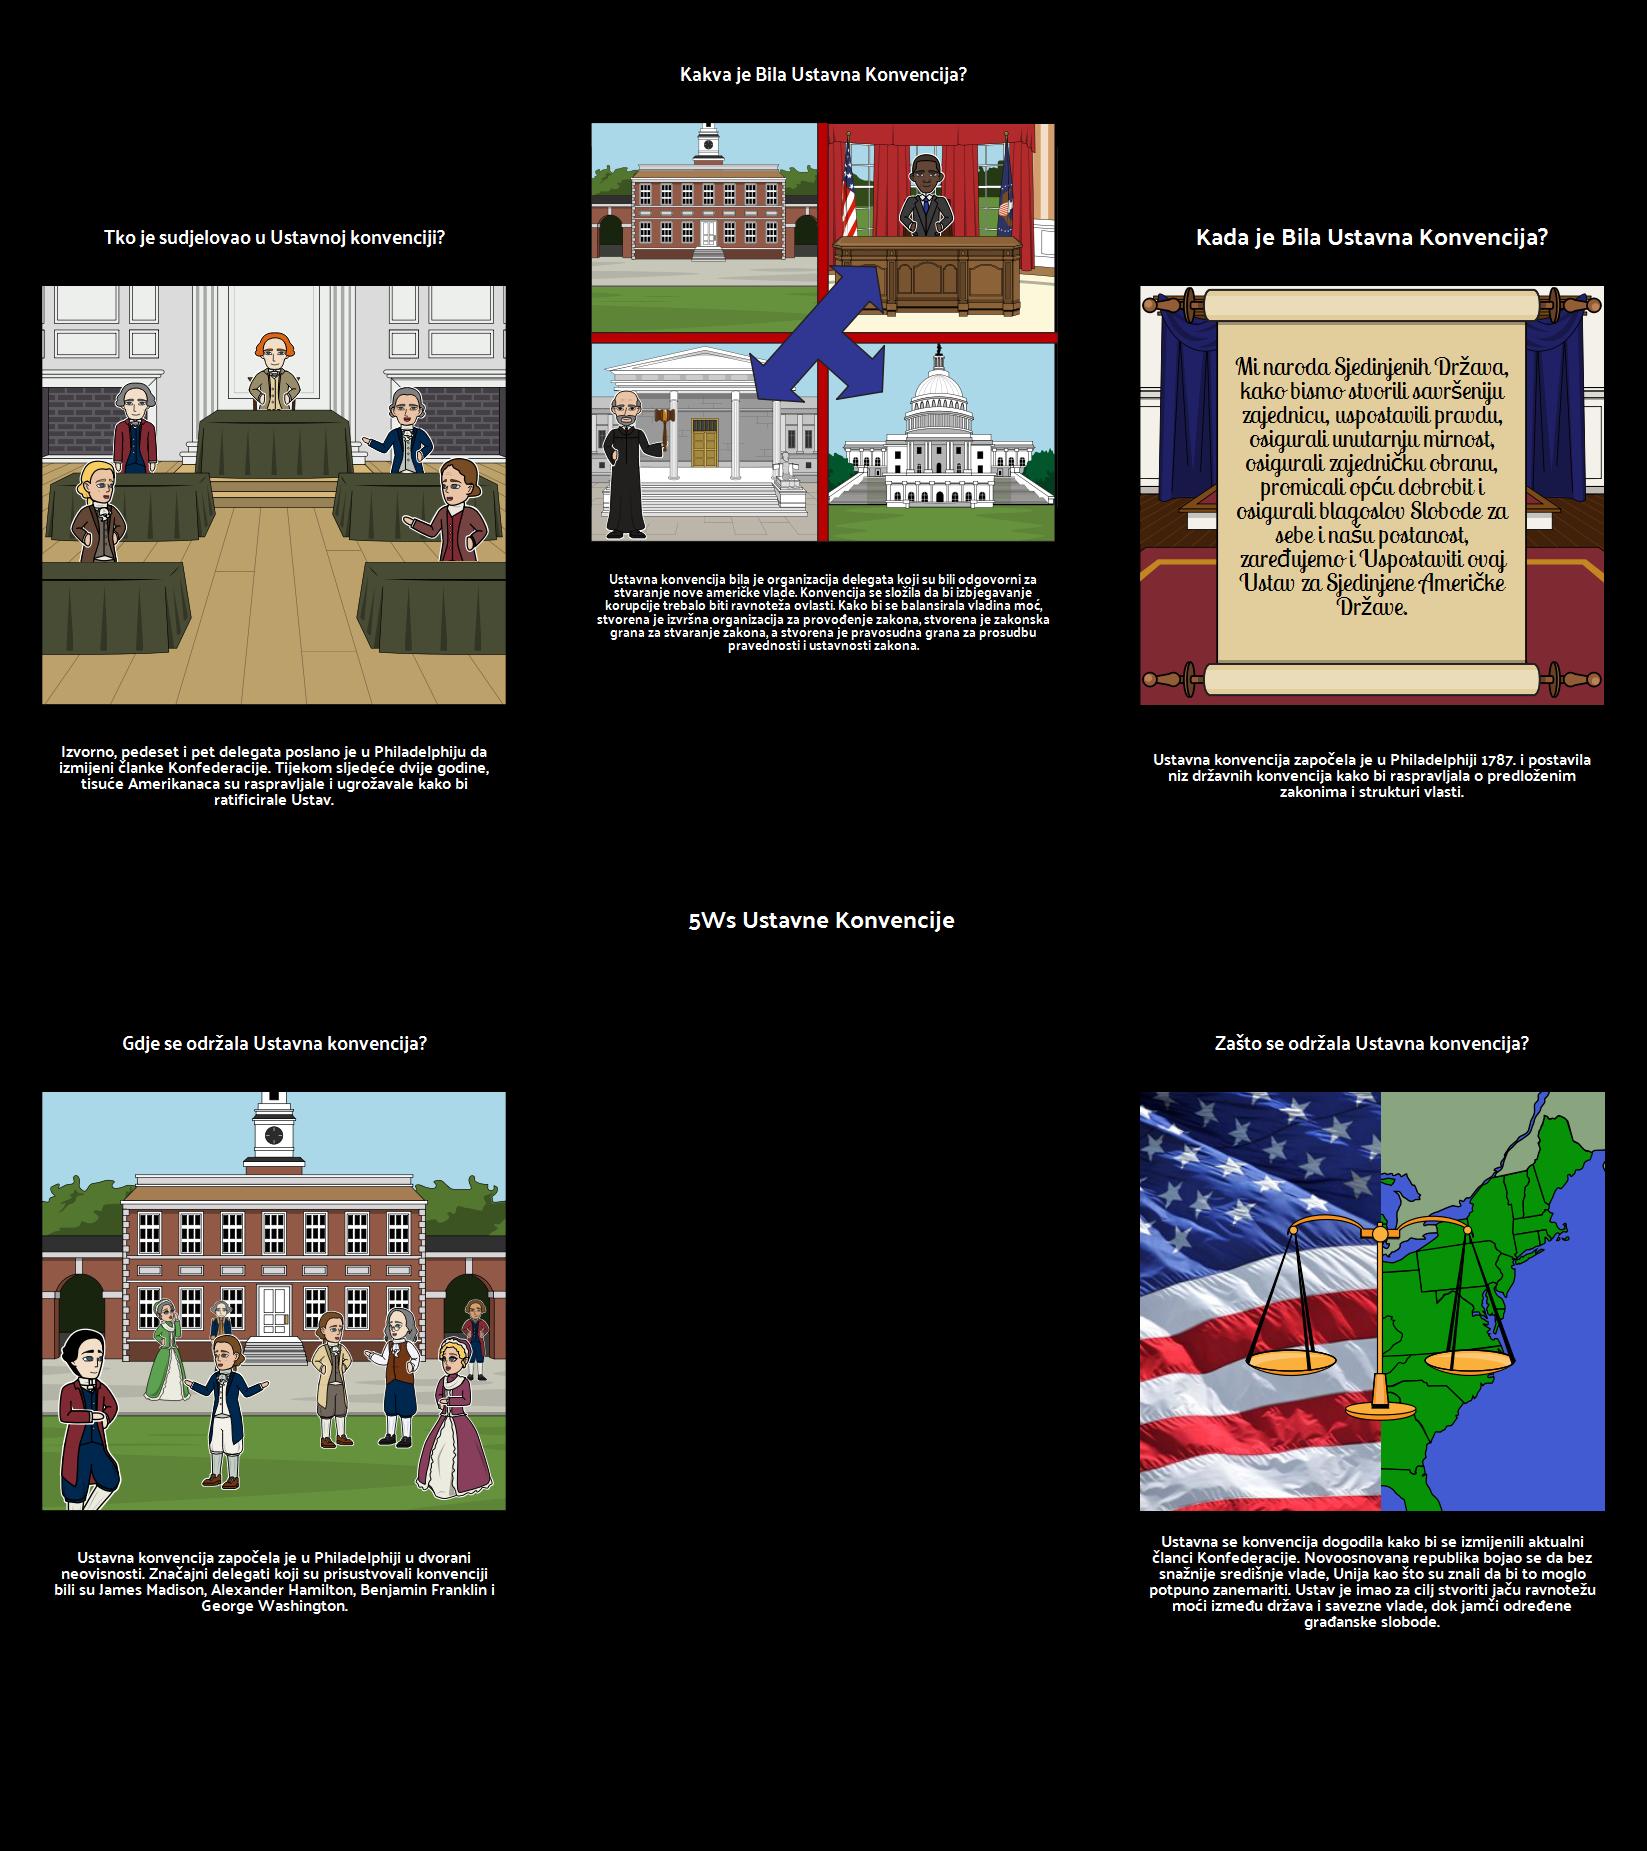 5W Ustavne Konvencije